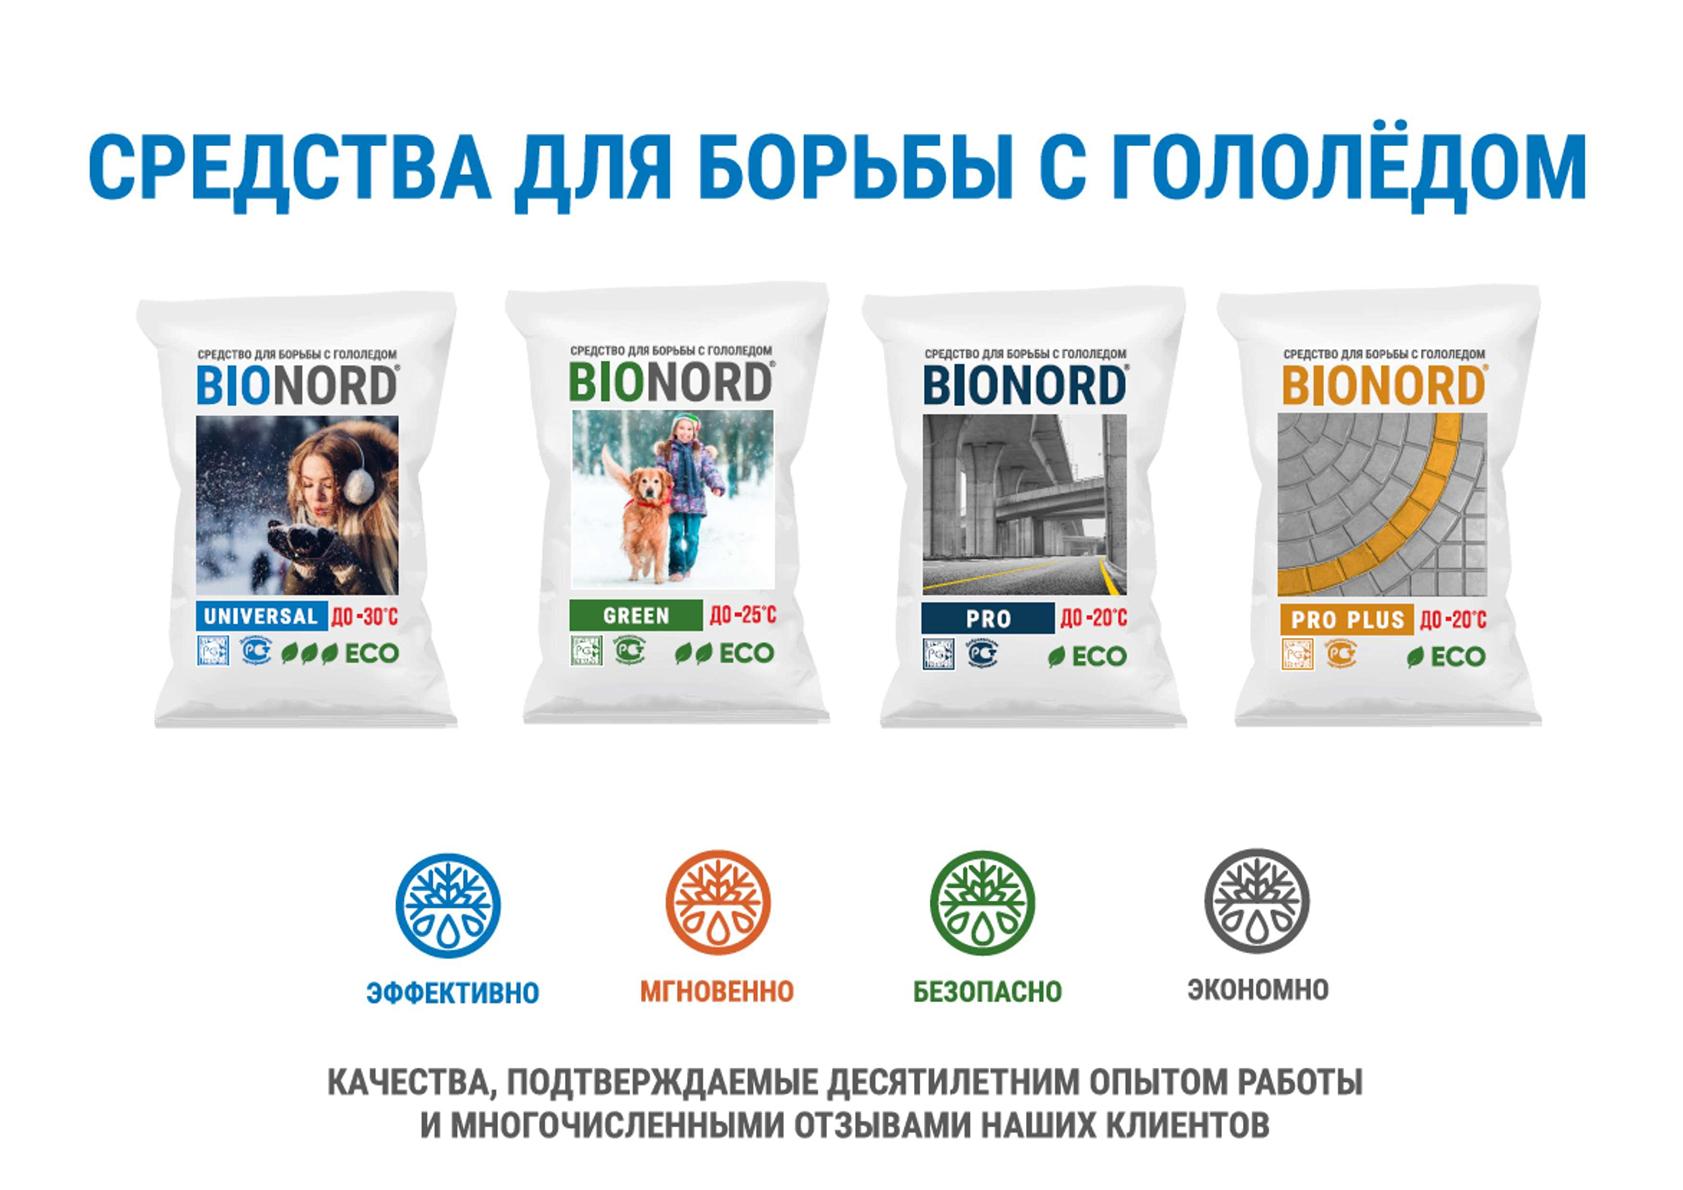 Средства для борьбы с гололёдом BIONORD Premium Line